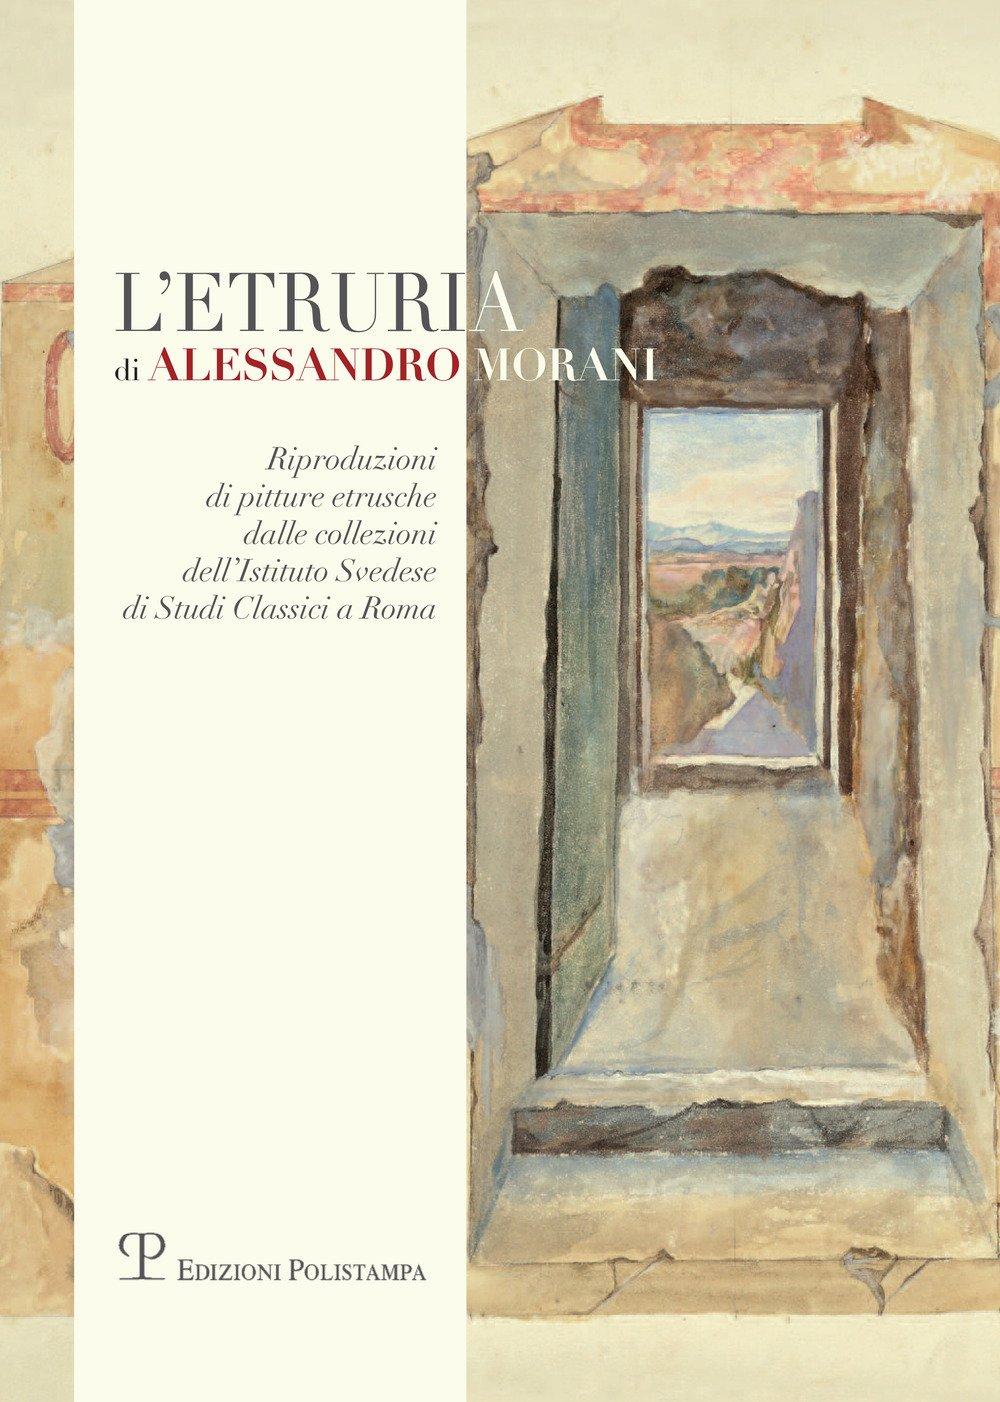 L'etruria di Alessandro Morani. Riproduzioni di pitture etrusche dalle collezioni dell'Istituto Svedese di Studi Classici a Roma